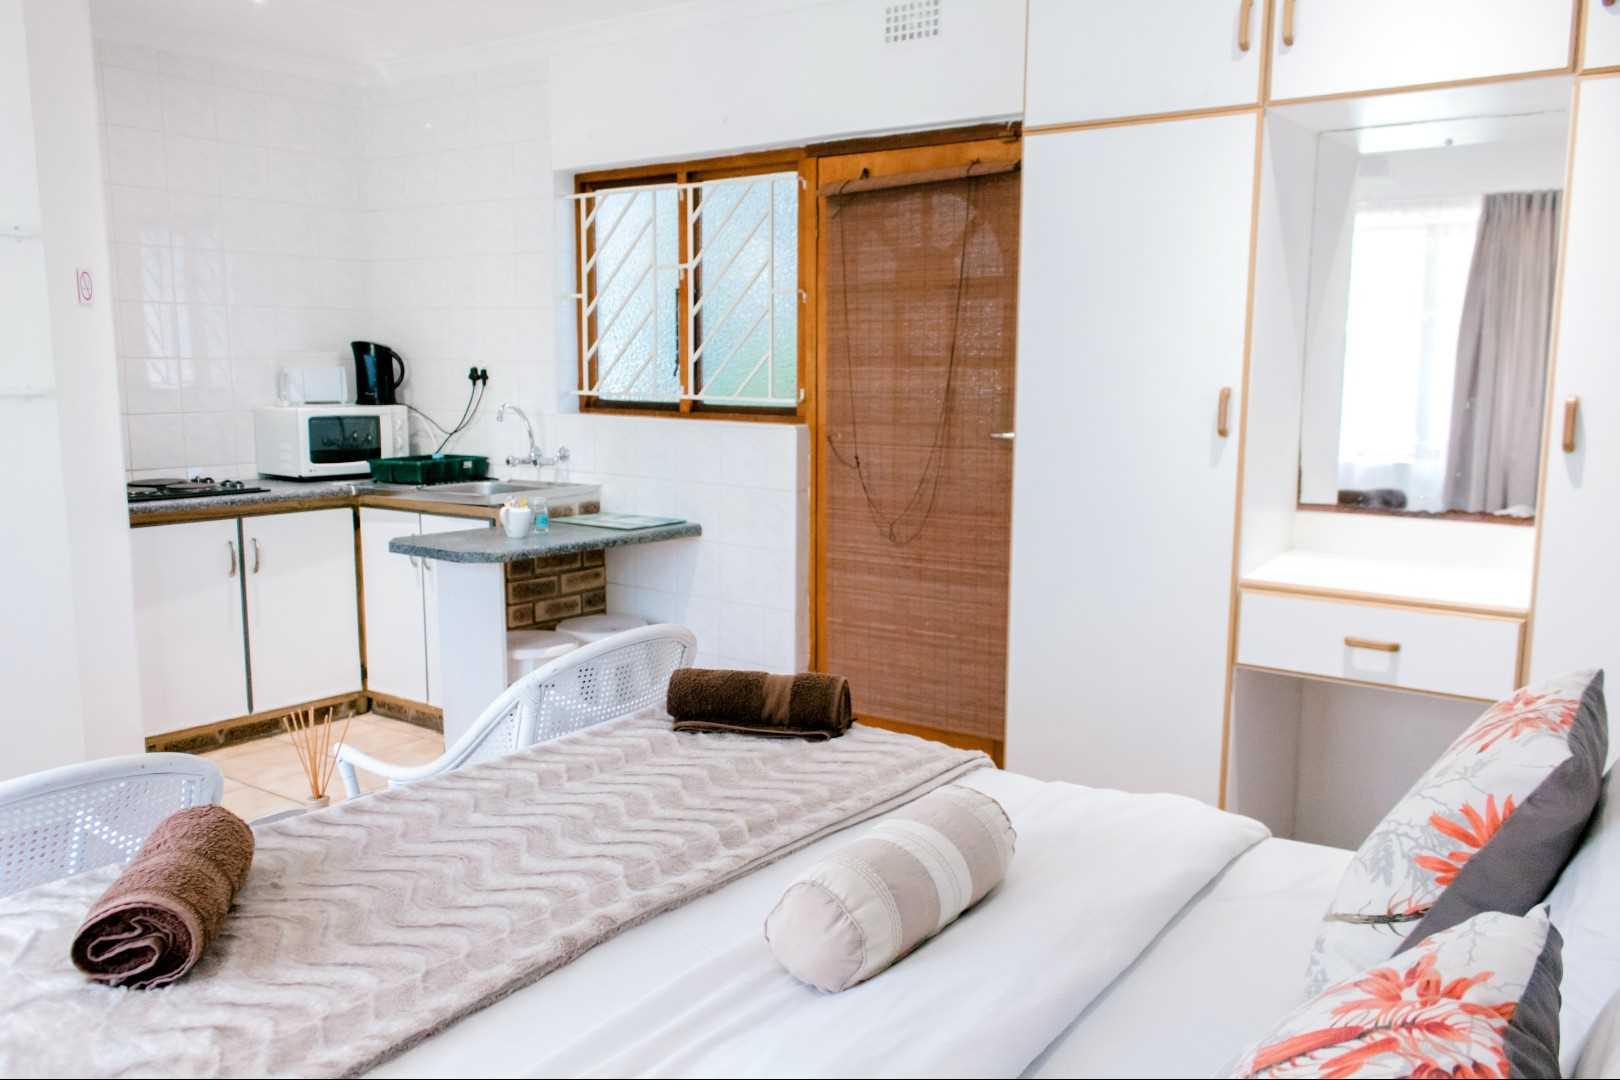 Studio unit's decor - open plan